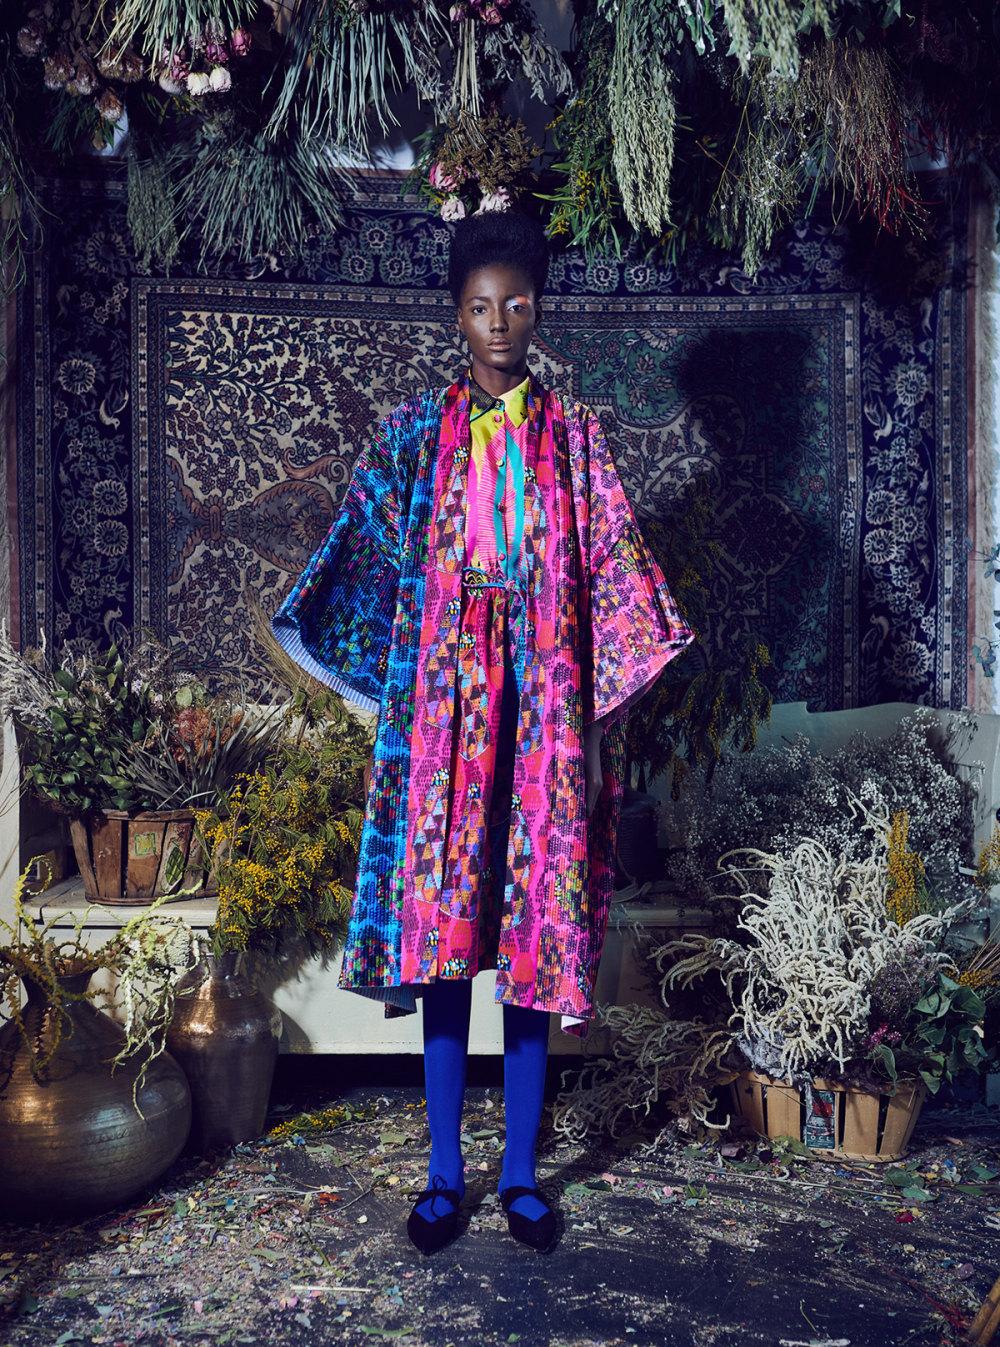 Rianna+Nina时装系列定制的夹克和金属光泽的七分裤定义未来主义-12.jpg